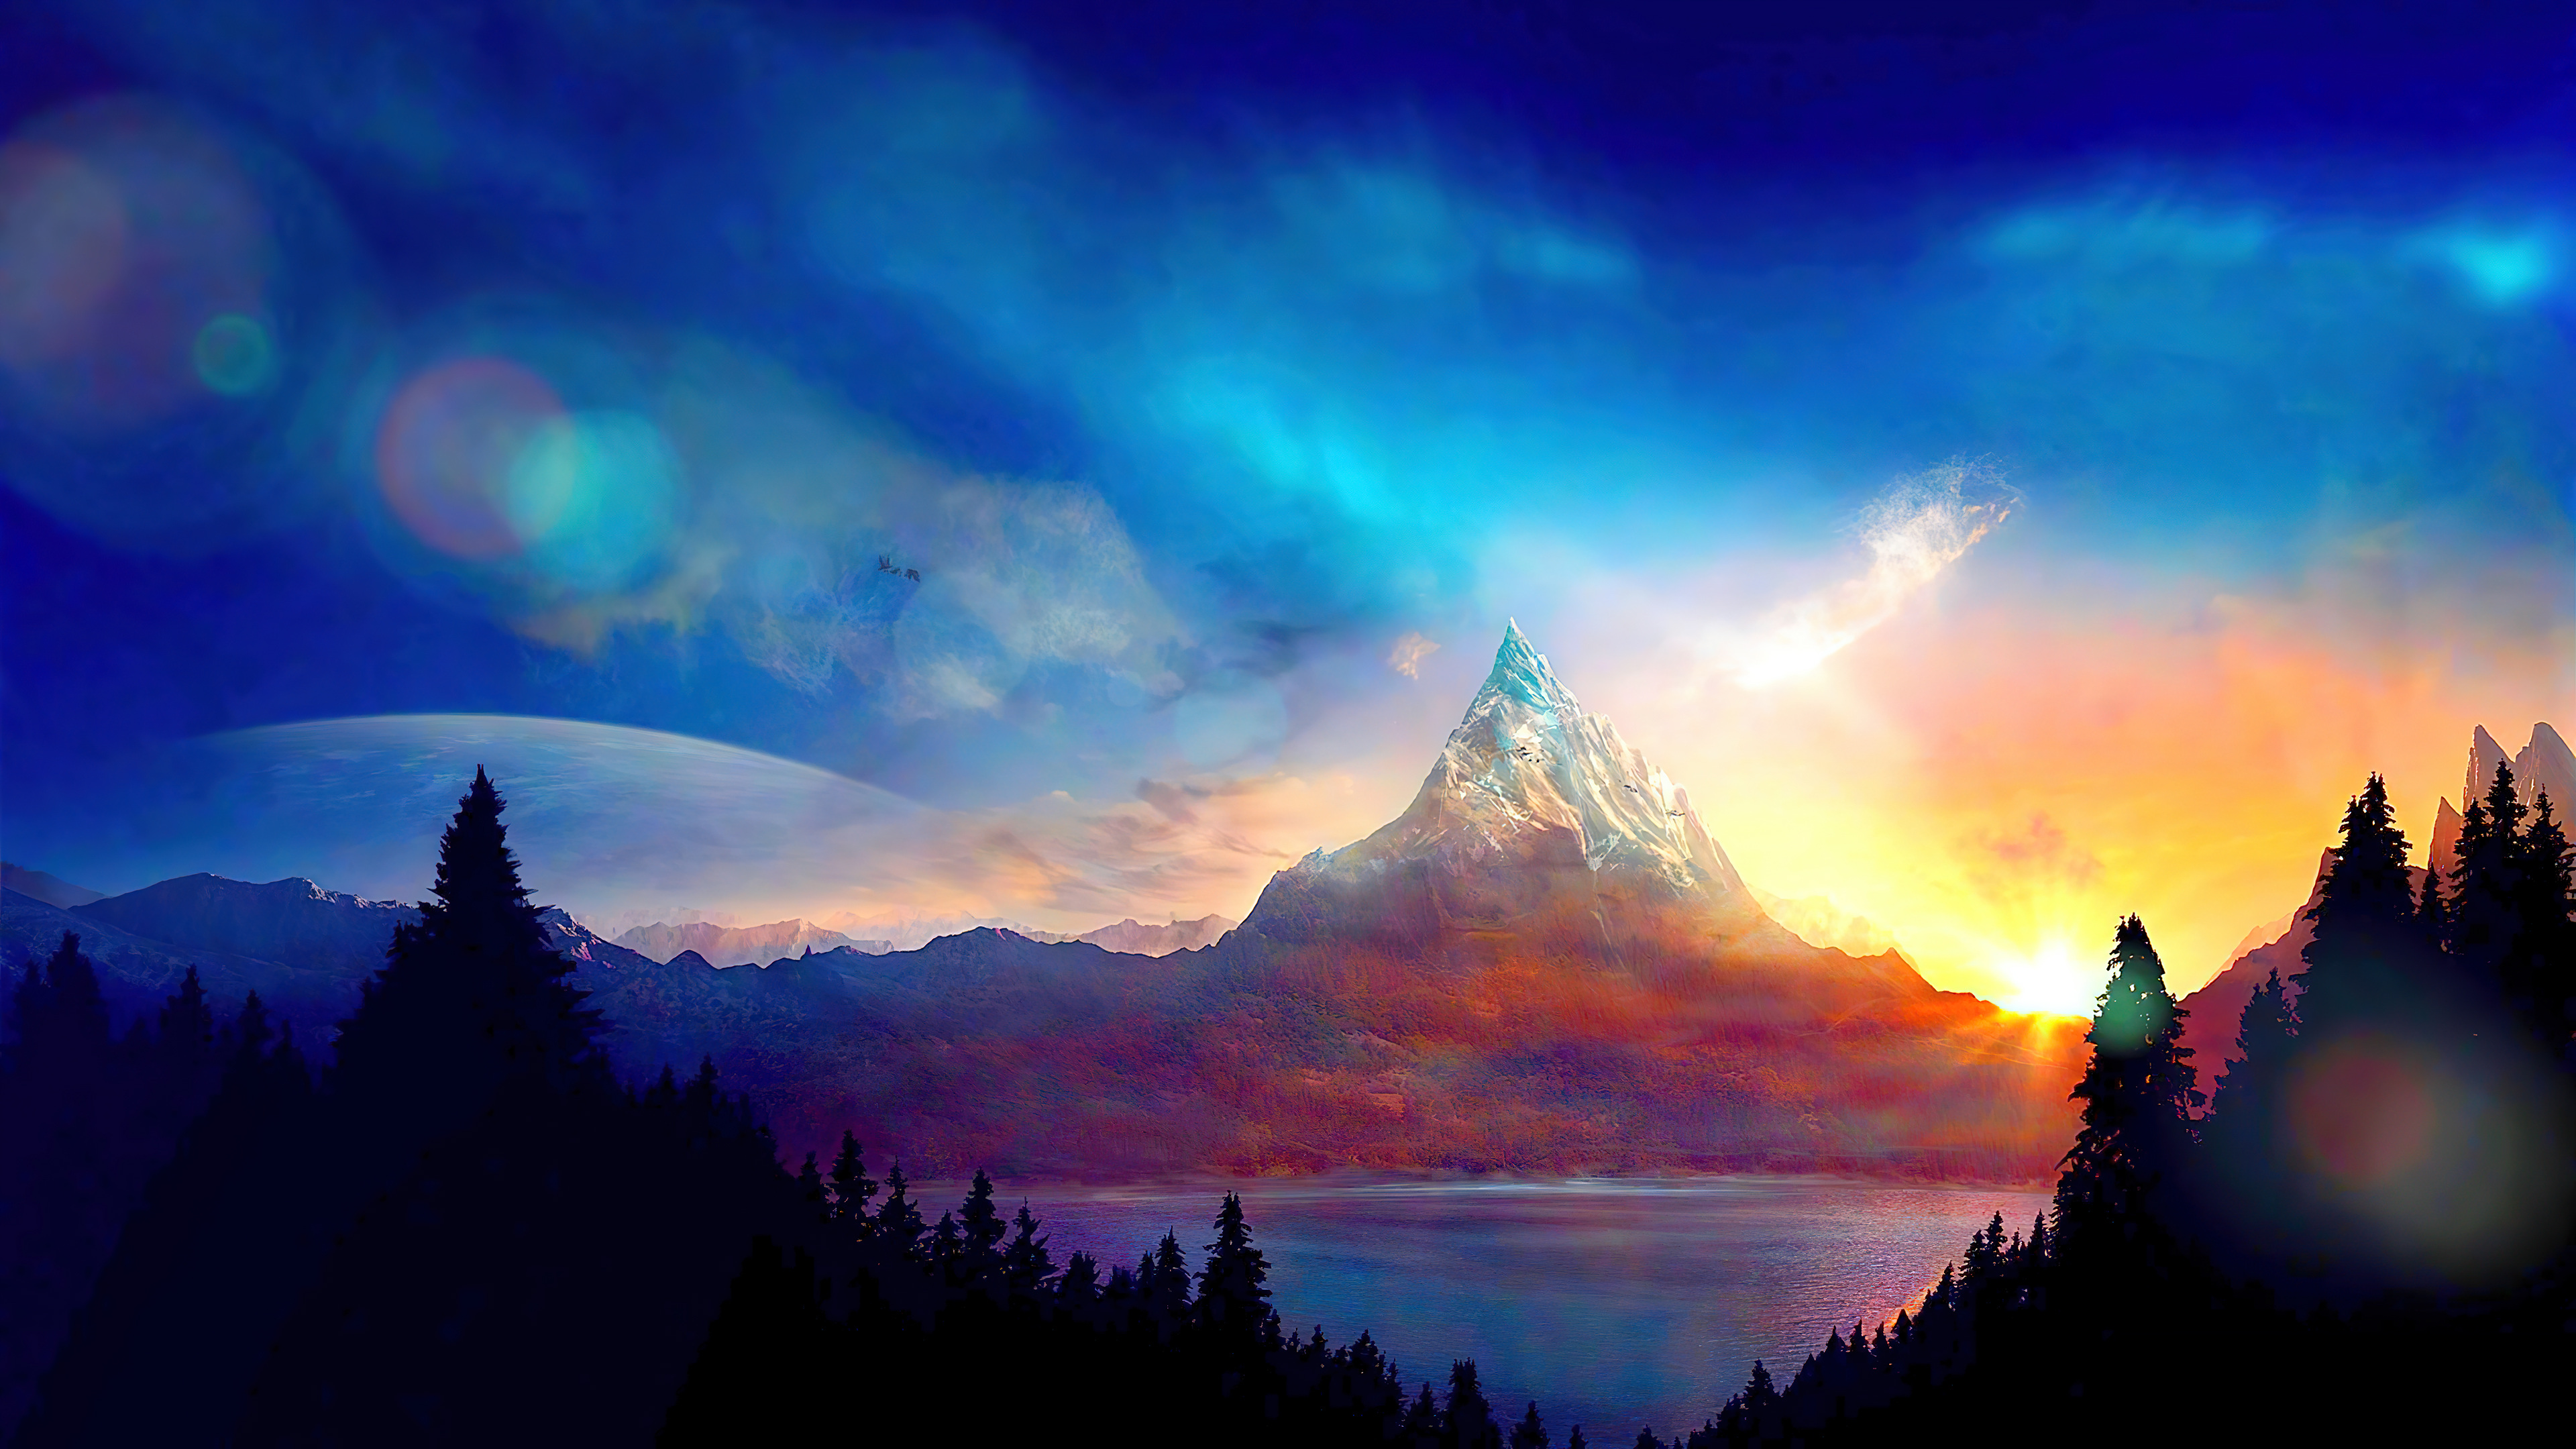 Fondos de pantalla Montaña colorida al atardecer